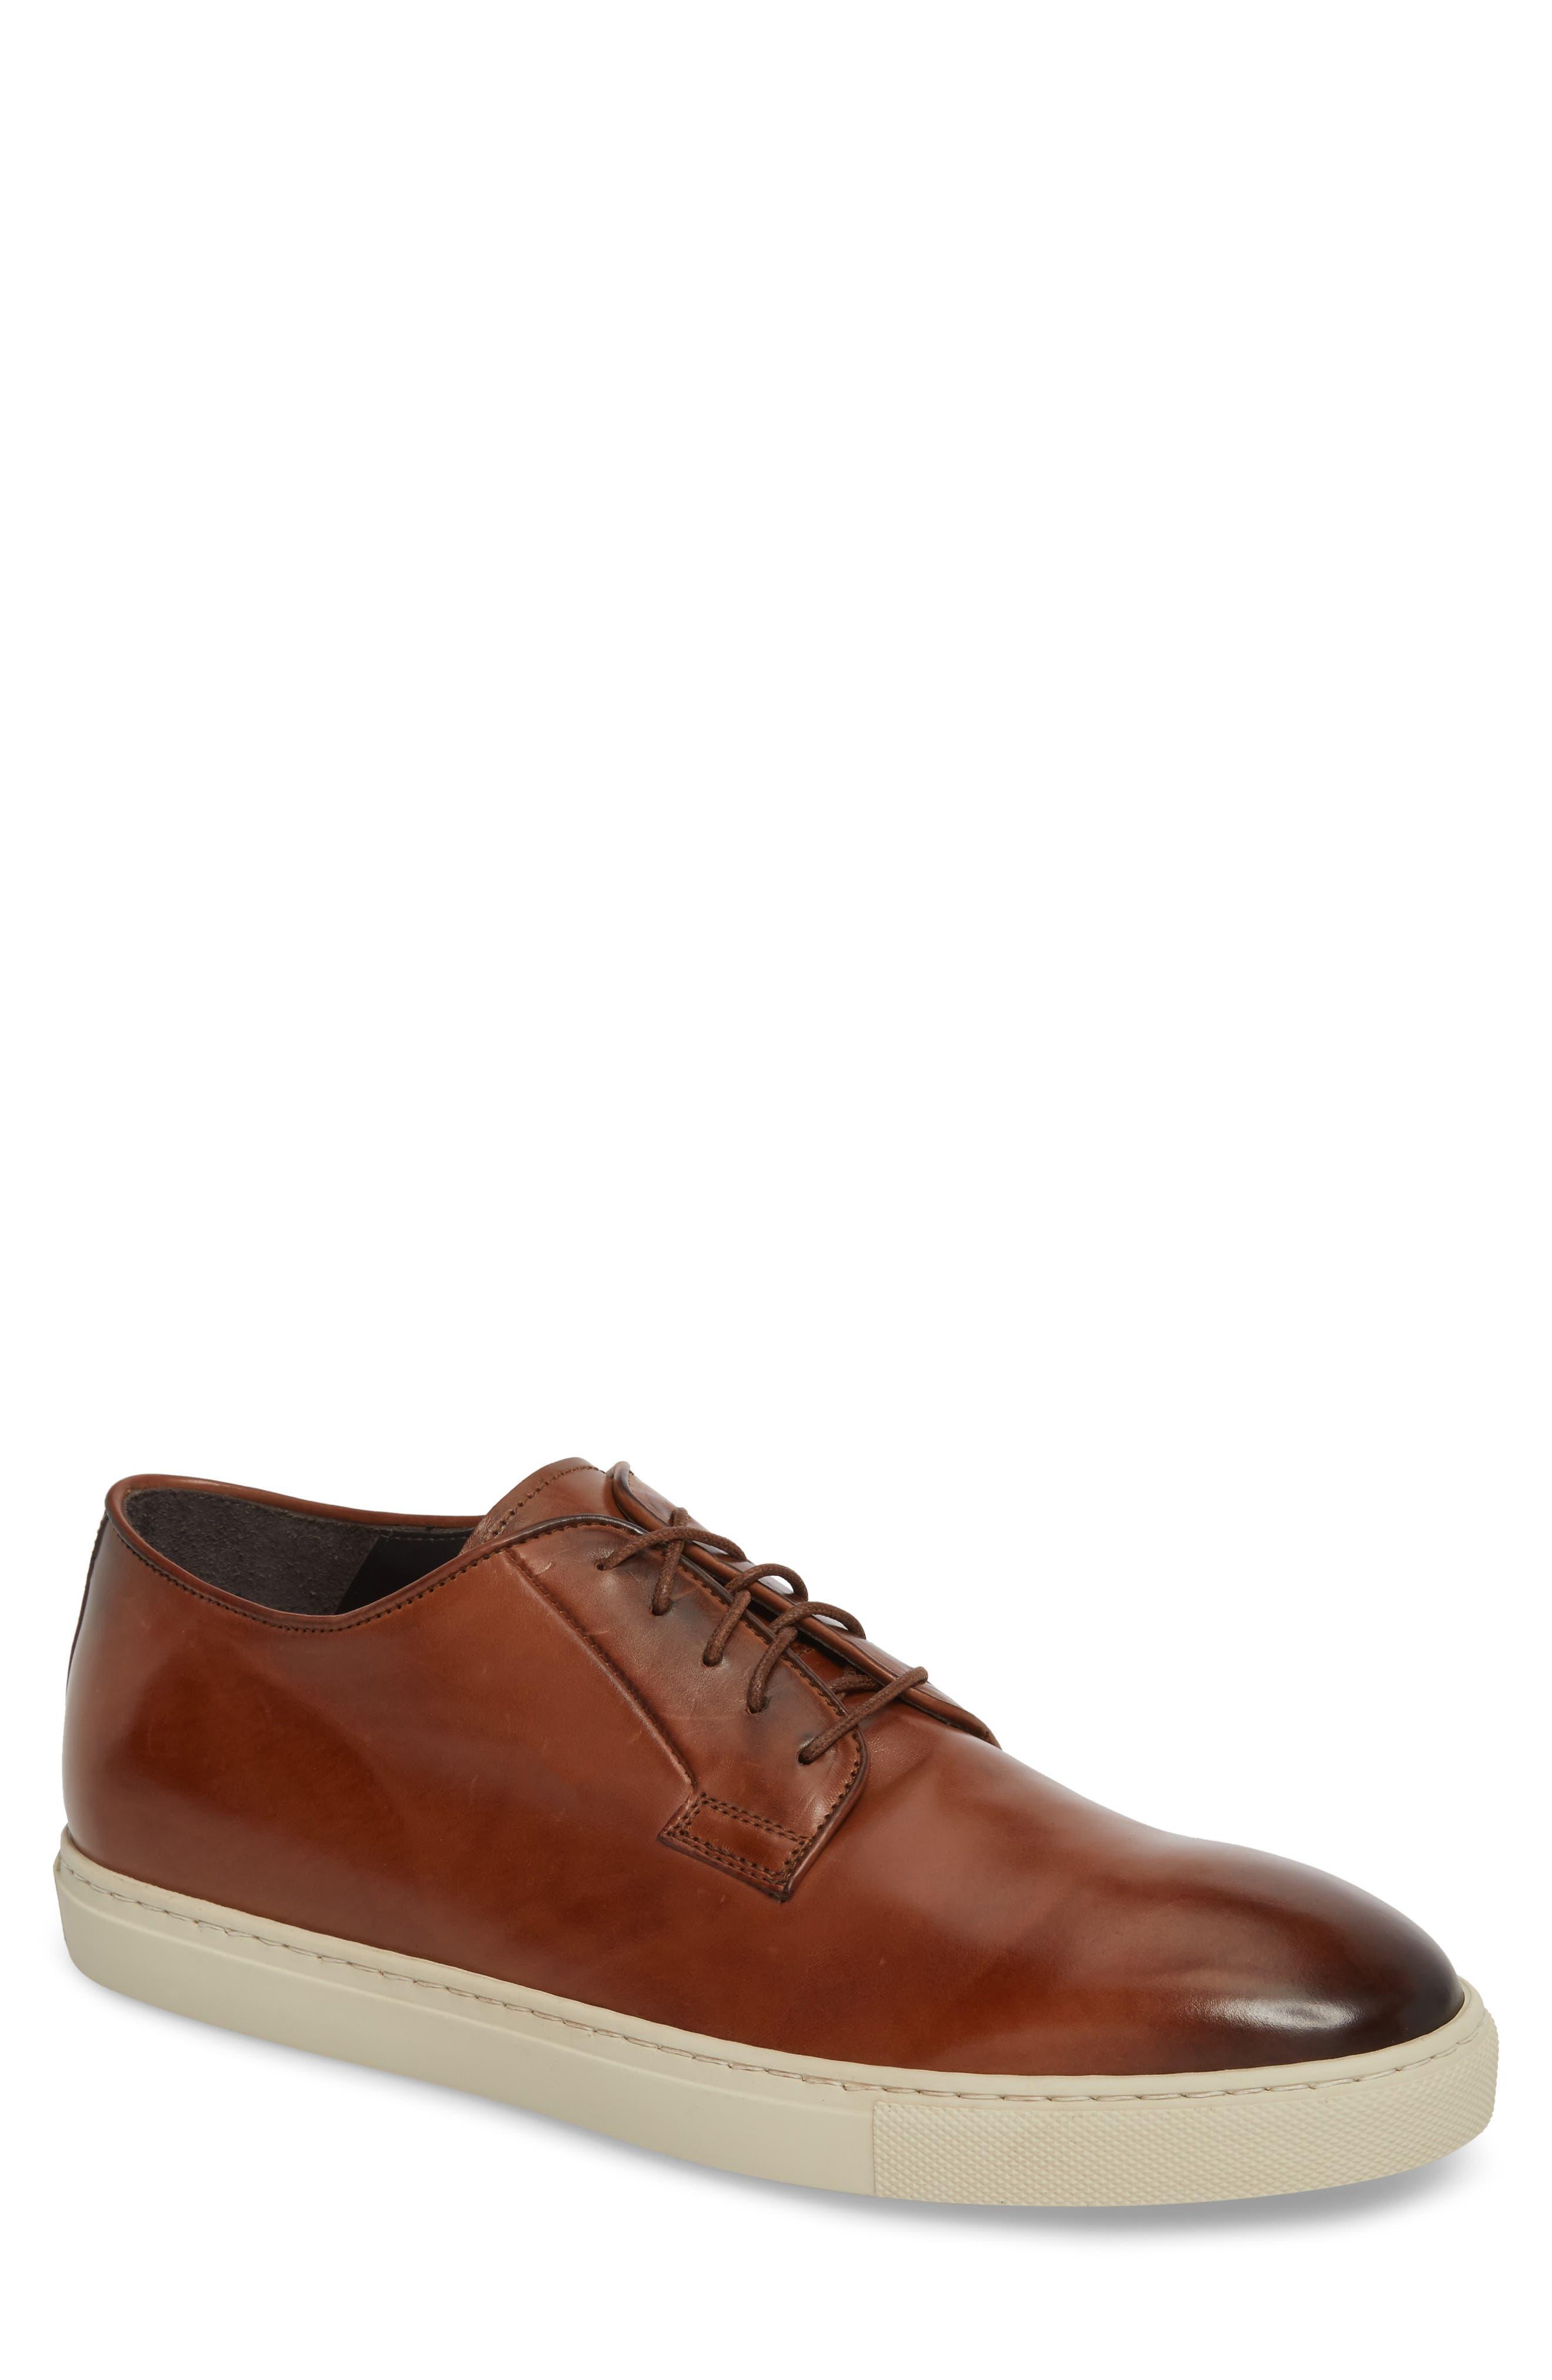 Plain Toe Derby Sneaker,                         Main,                         color, DIVER TAN LEATHER